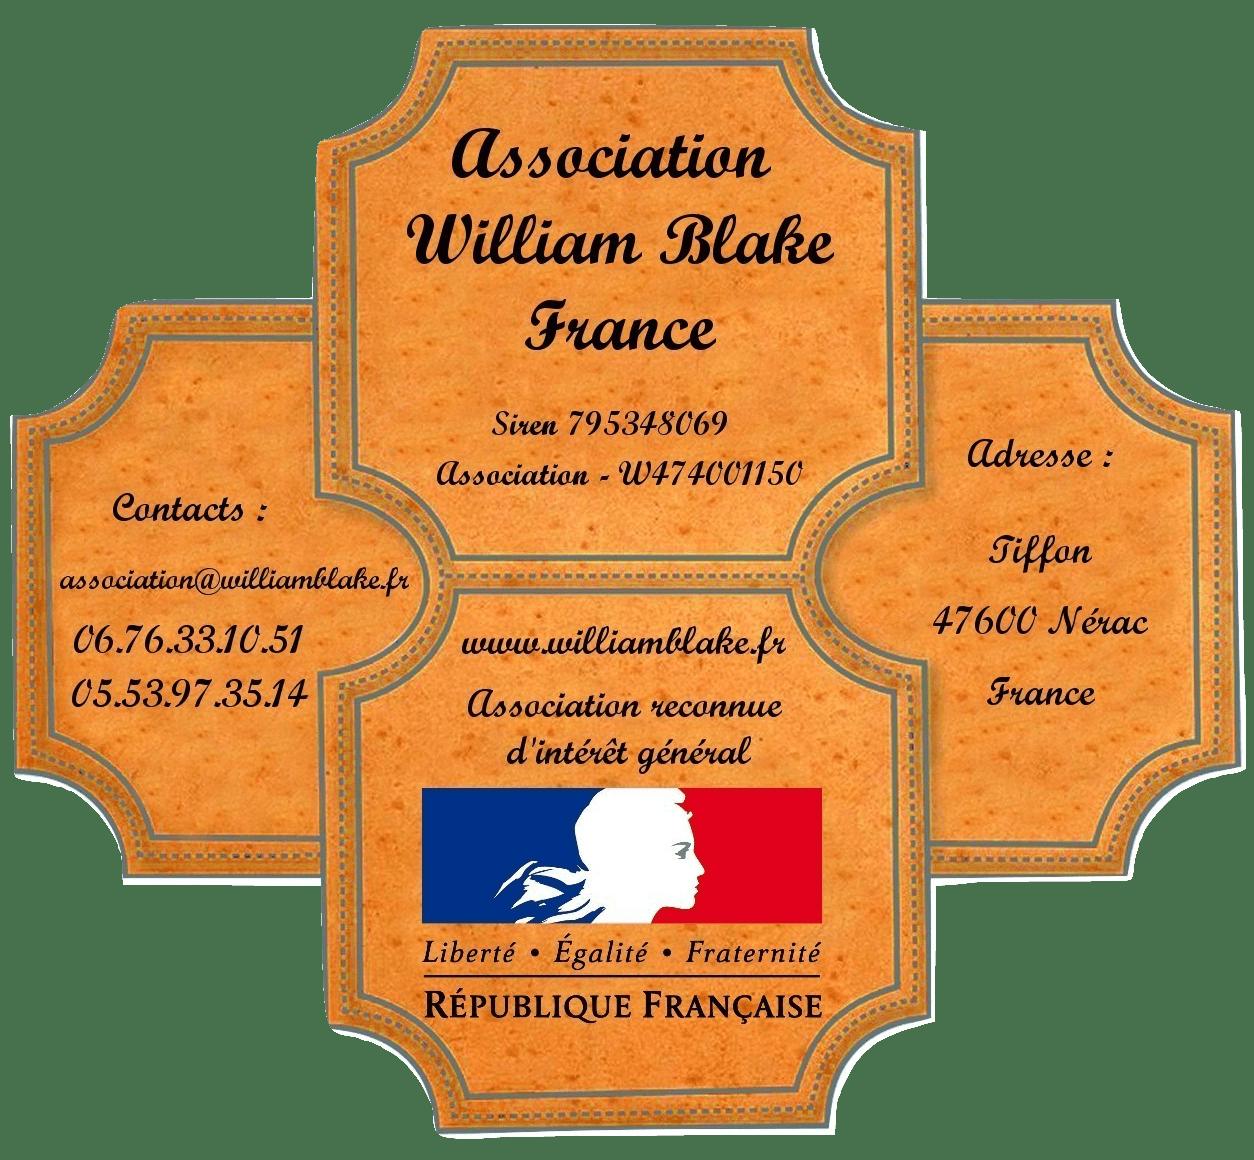 L'art premier s'invite à l'ancienne sous-préfecture de Nérac - William Blake France